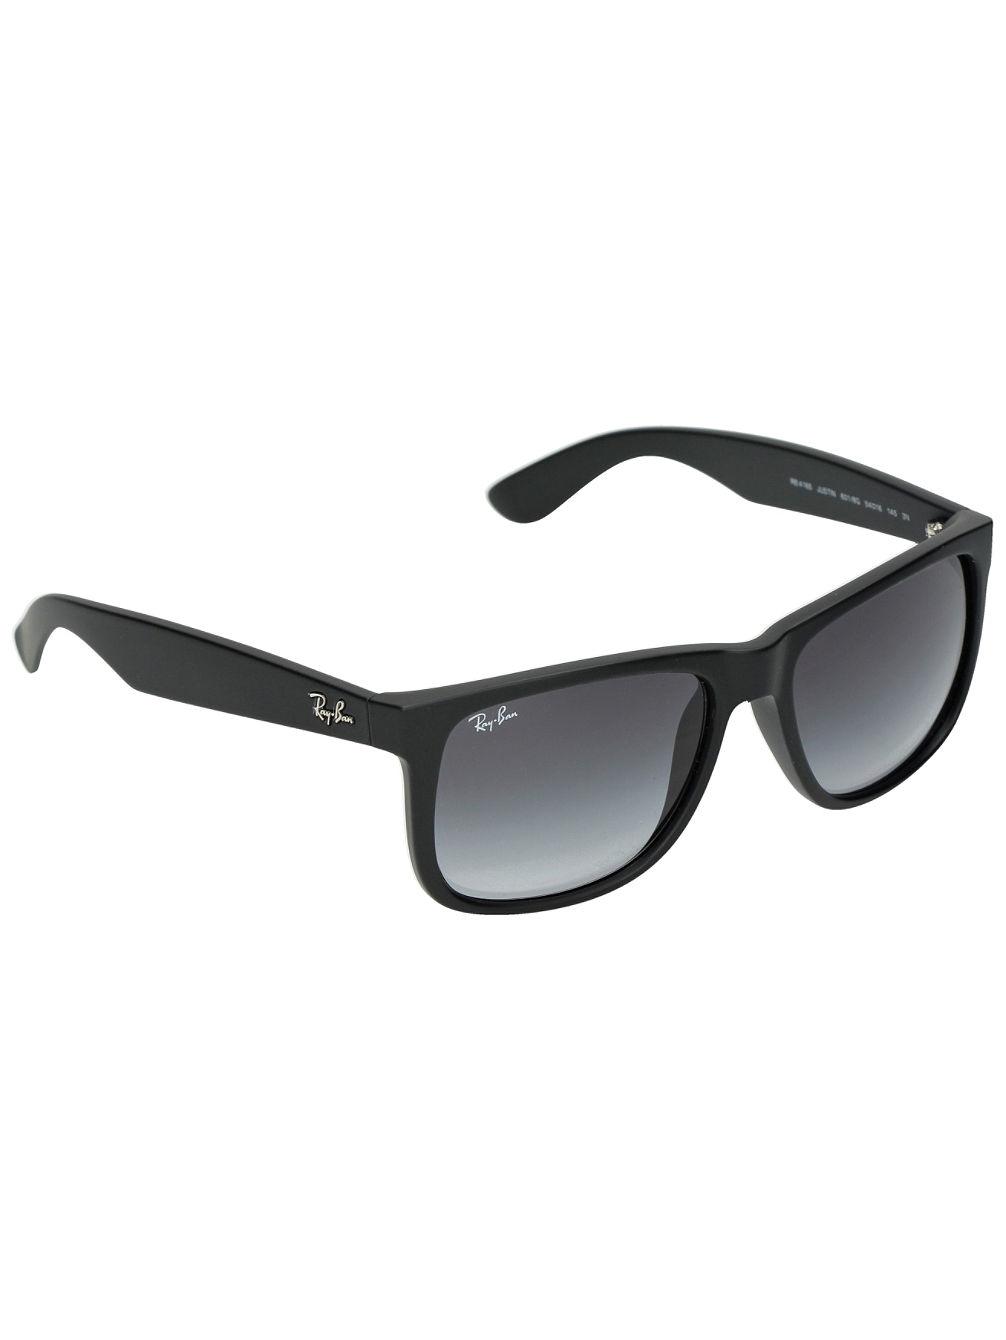 127c7f0ccf Ray Ban Justin Rubber Black PolyGreyGradient Sonnenbrille online kaufen bei  www.cinemas93.org